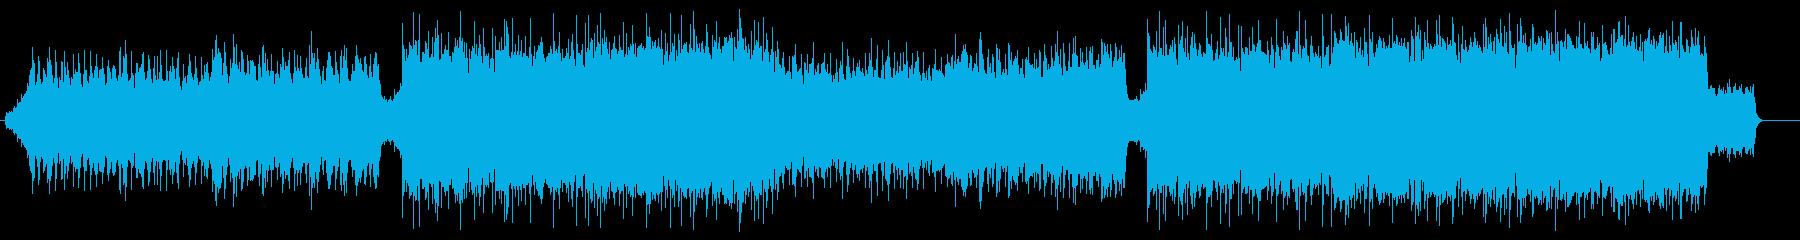 ピアノメロが印象的Future Bassの再生済みの波形